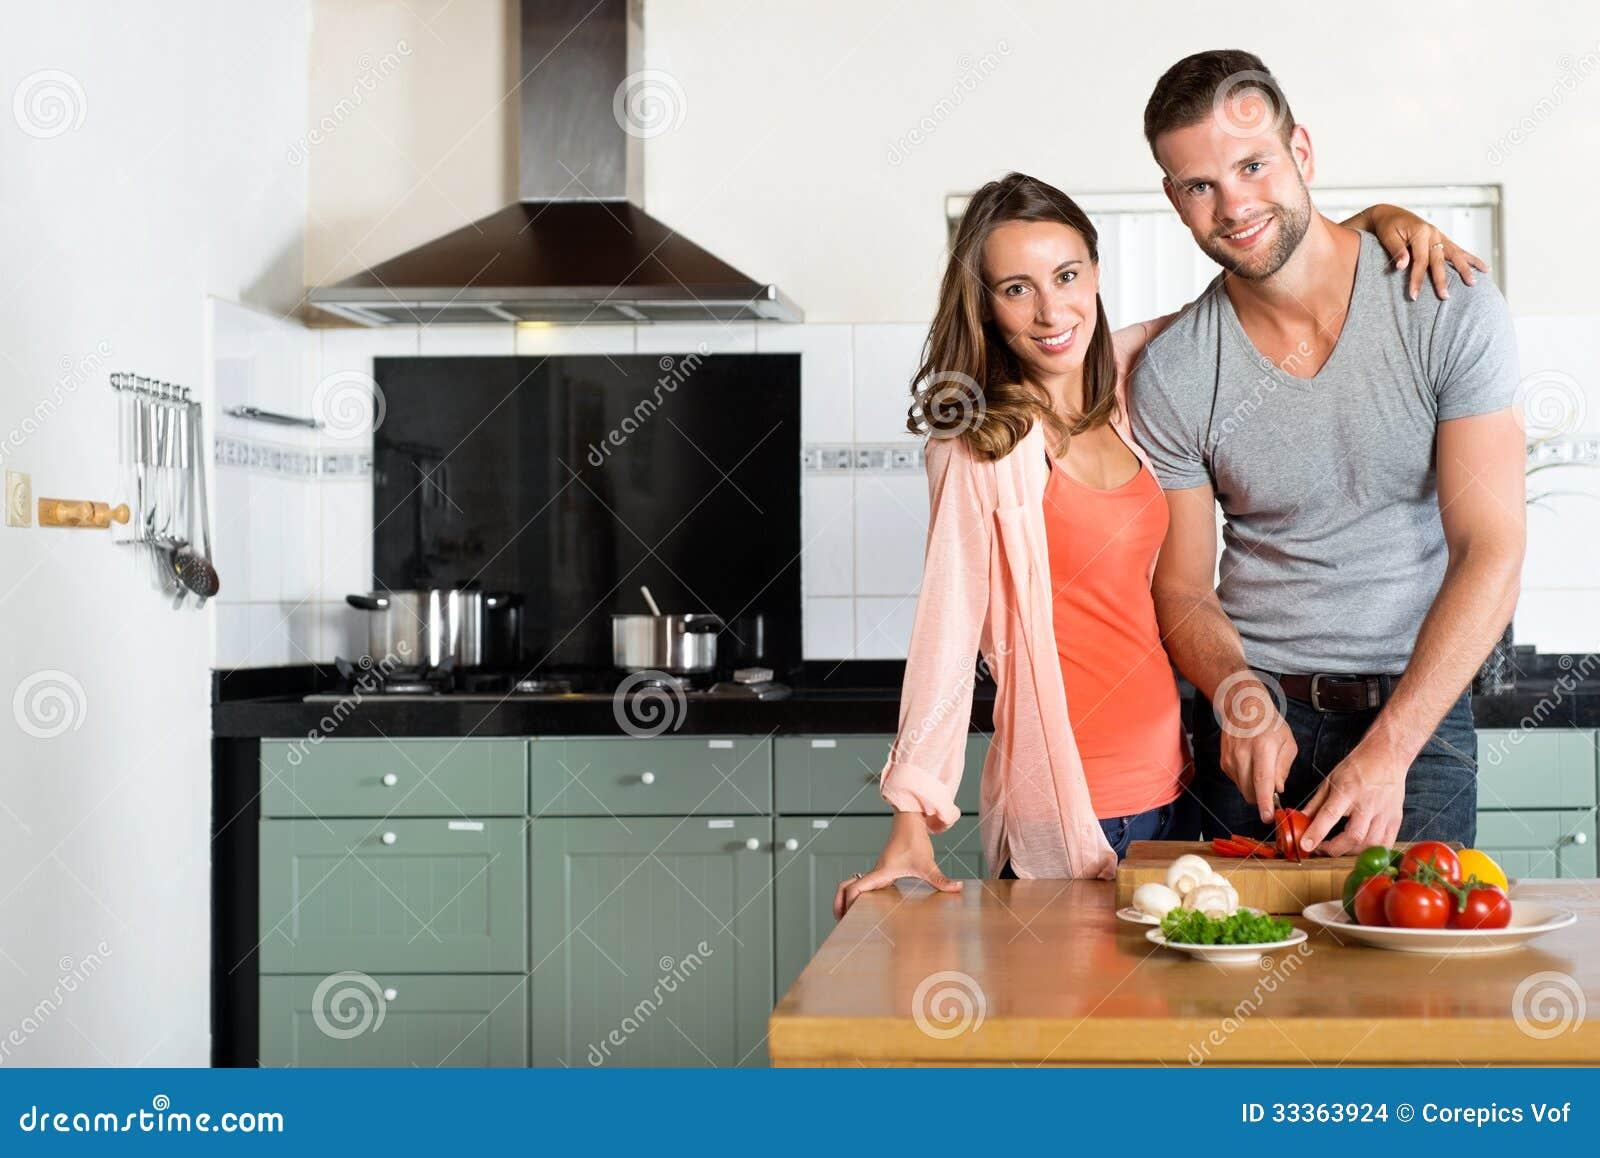 Ausschnitt-Gemüse des glücklichen Paars an der Küchenarbeitsplatte